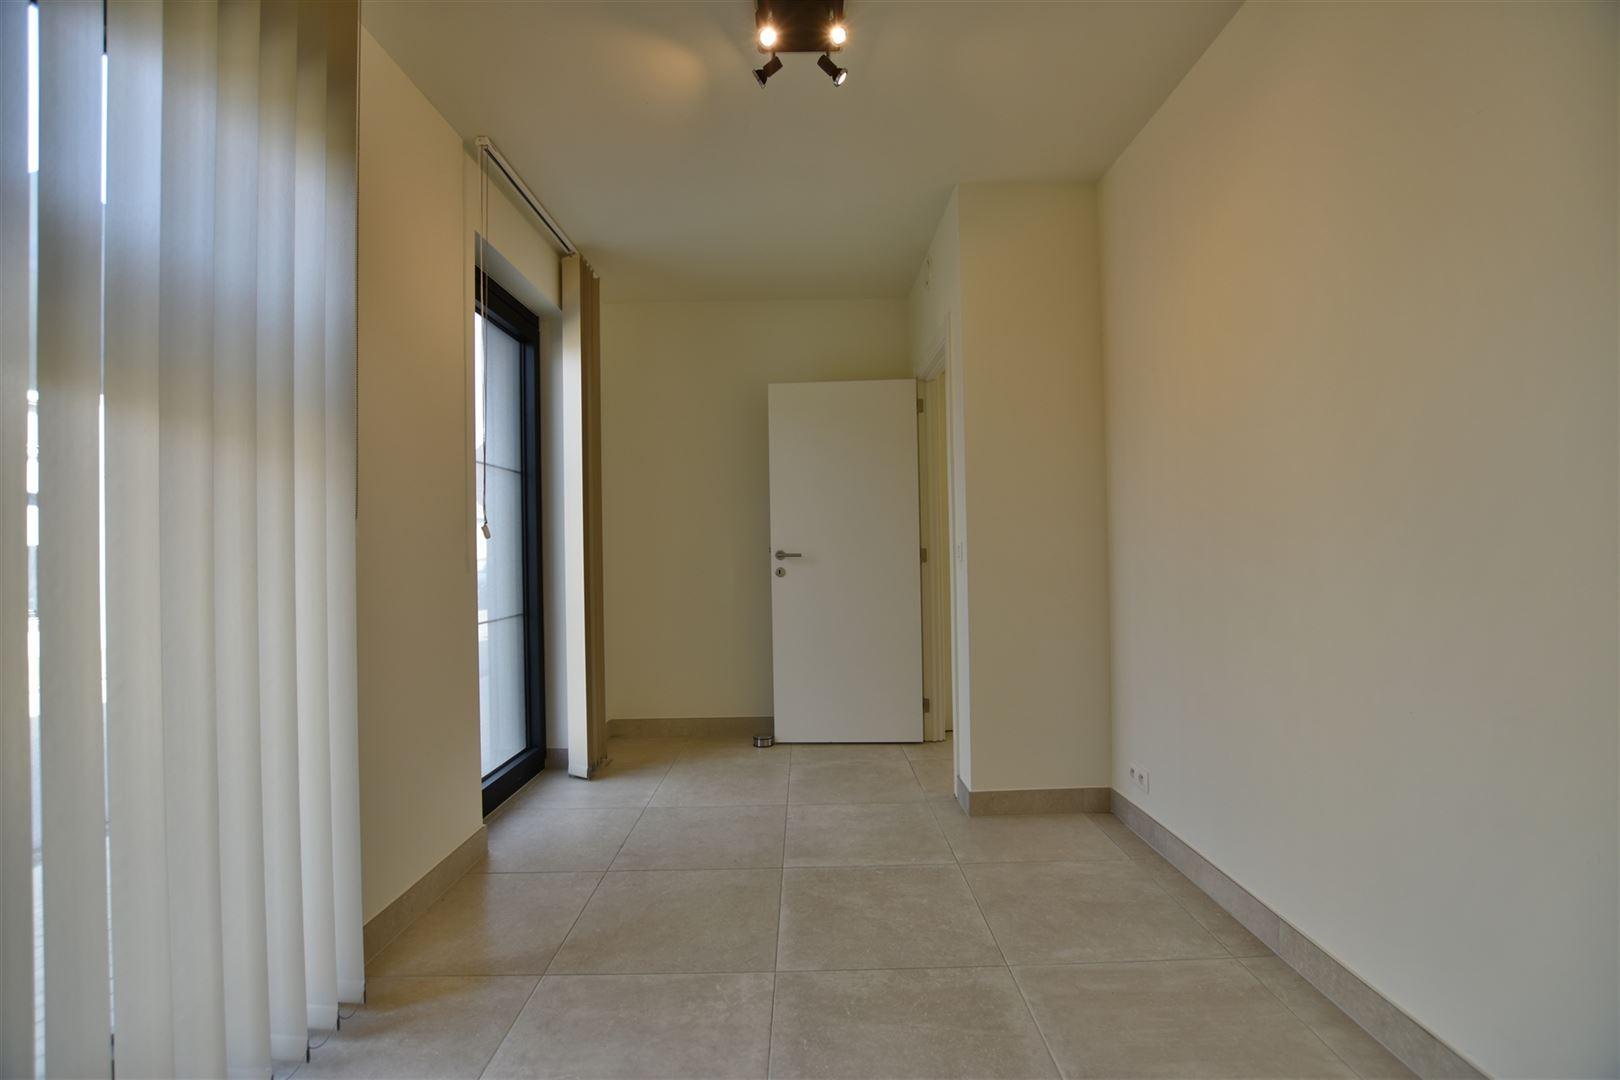 Foto 11 : Appartement te 9200 OUDEGEM (België) - Prijs € 830